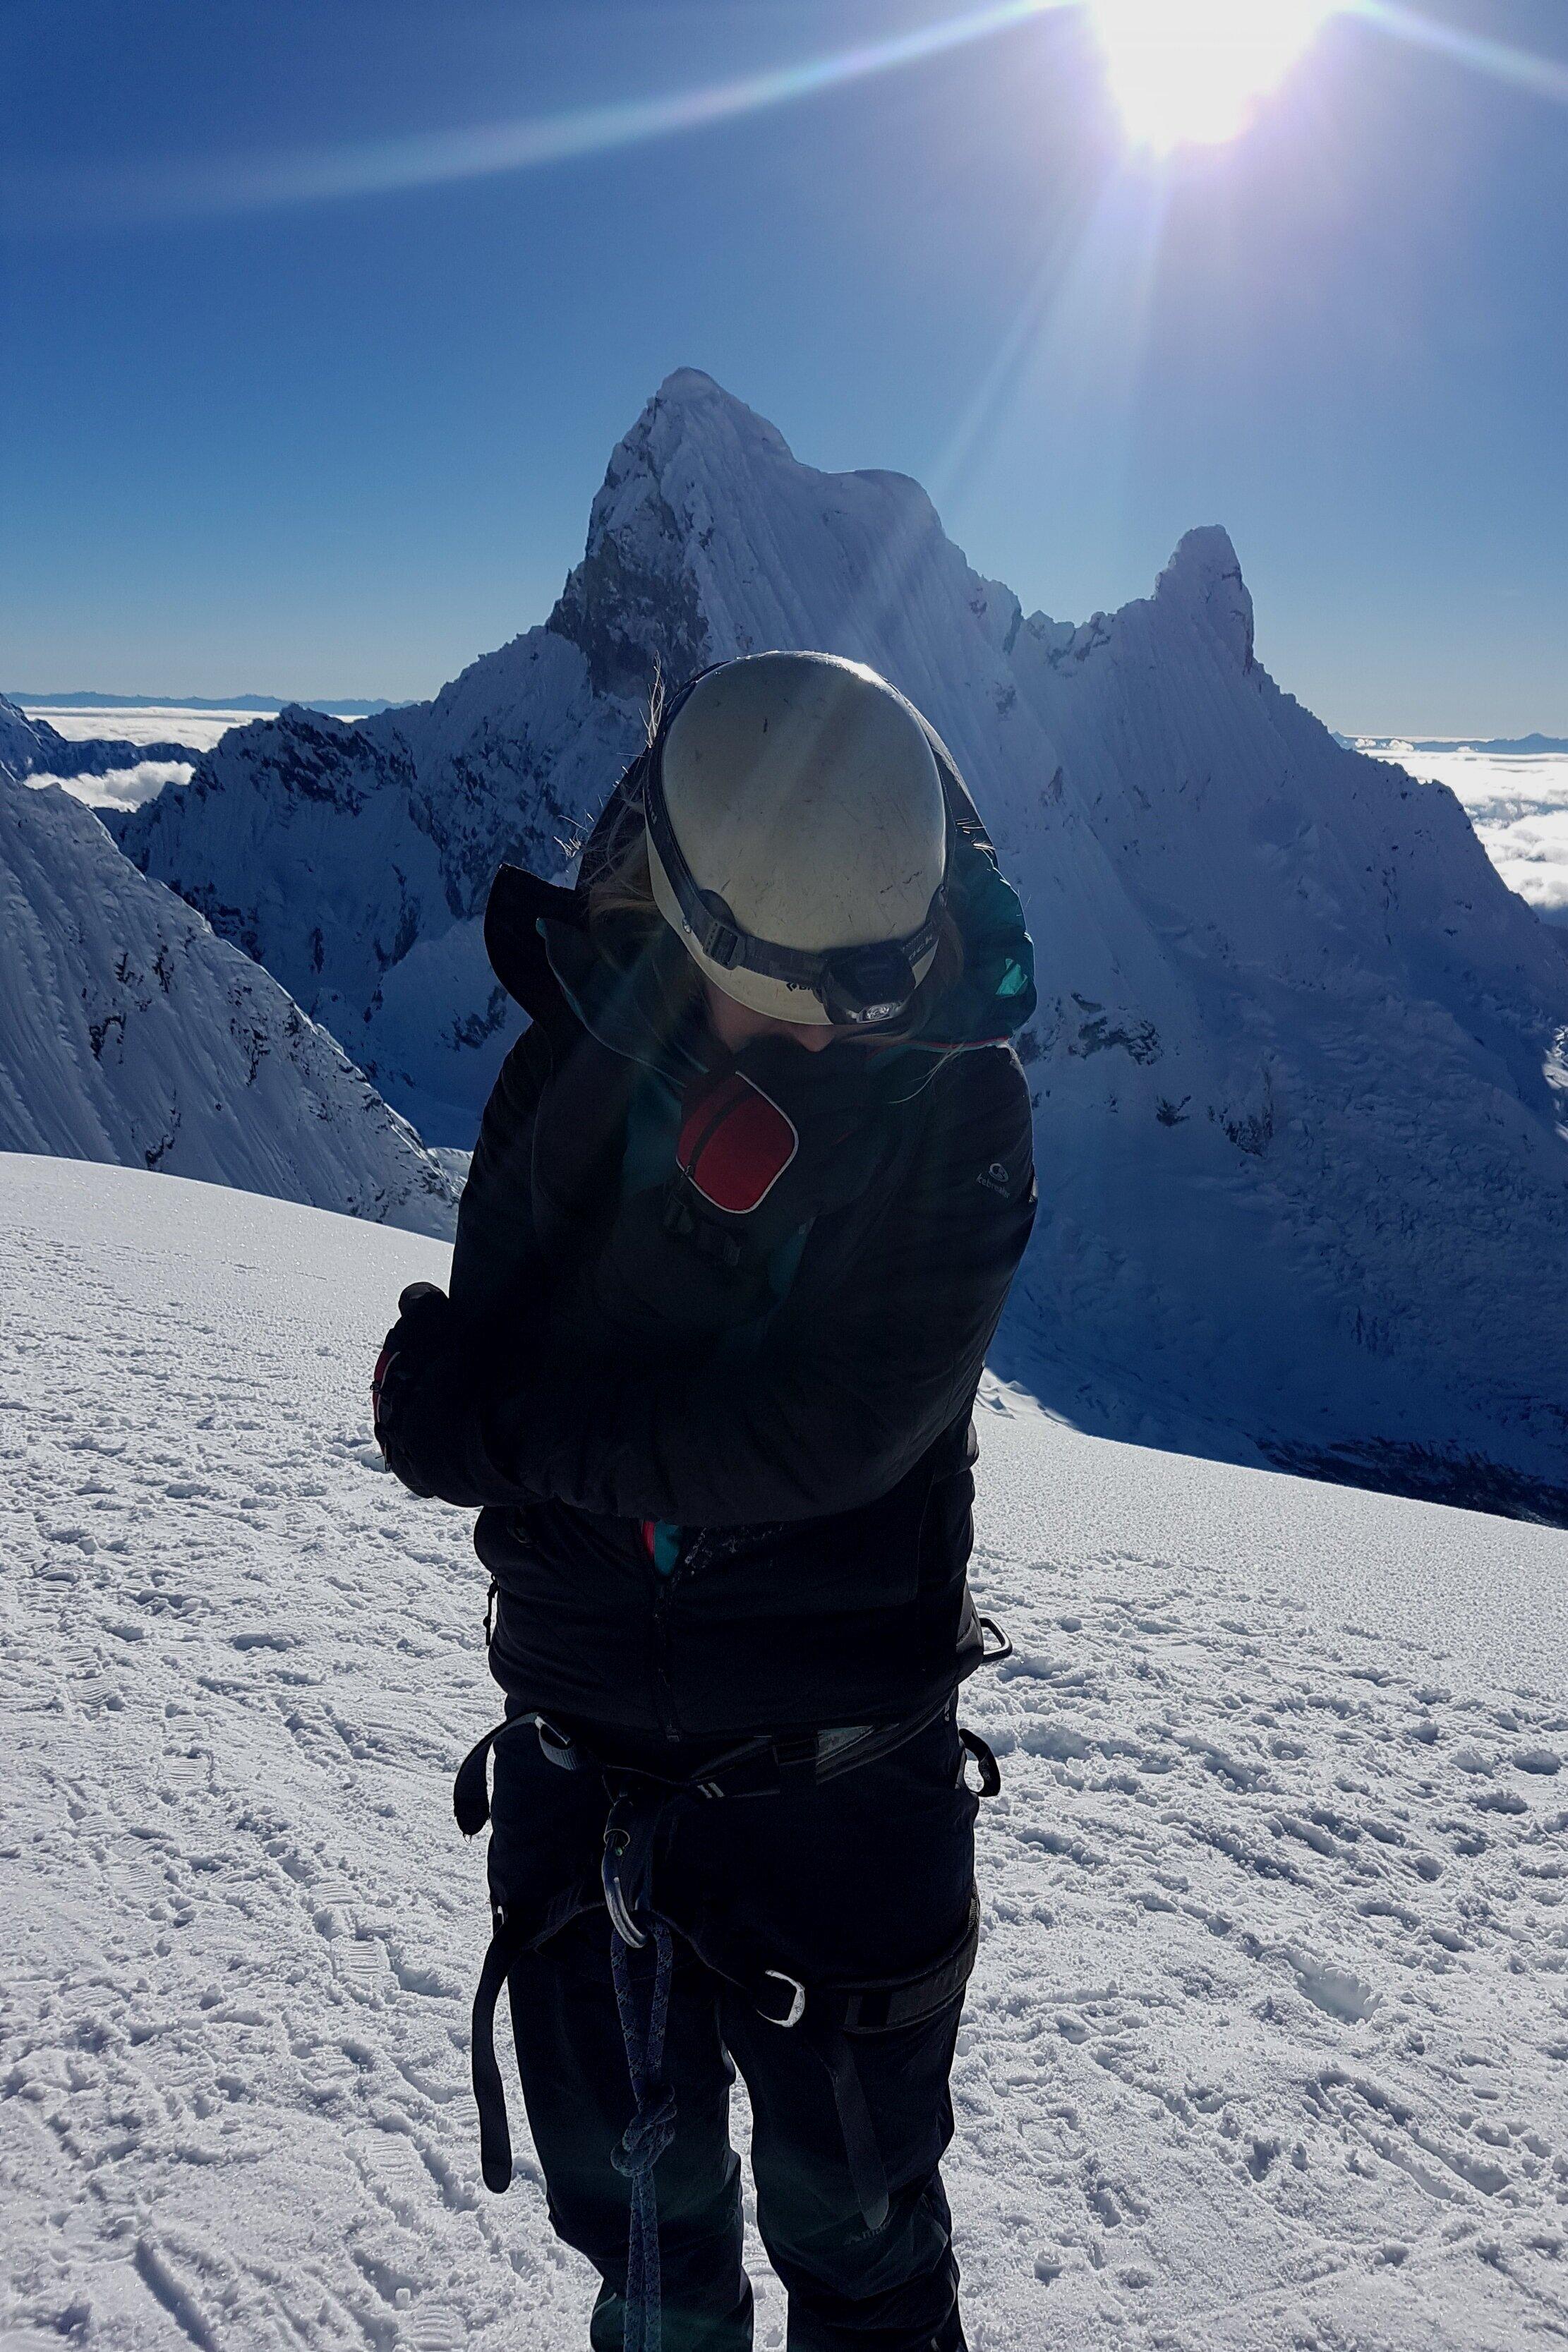 El Pisco Summit